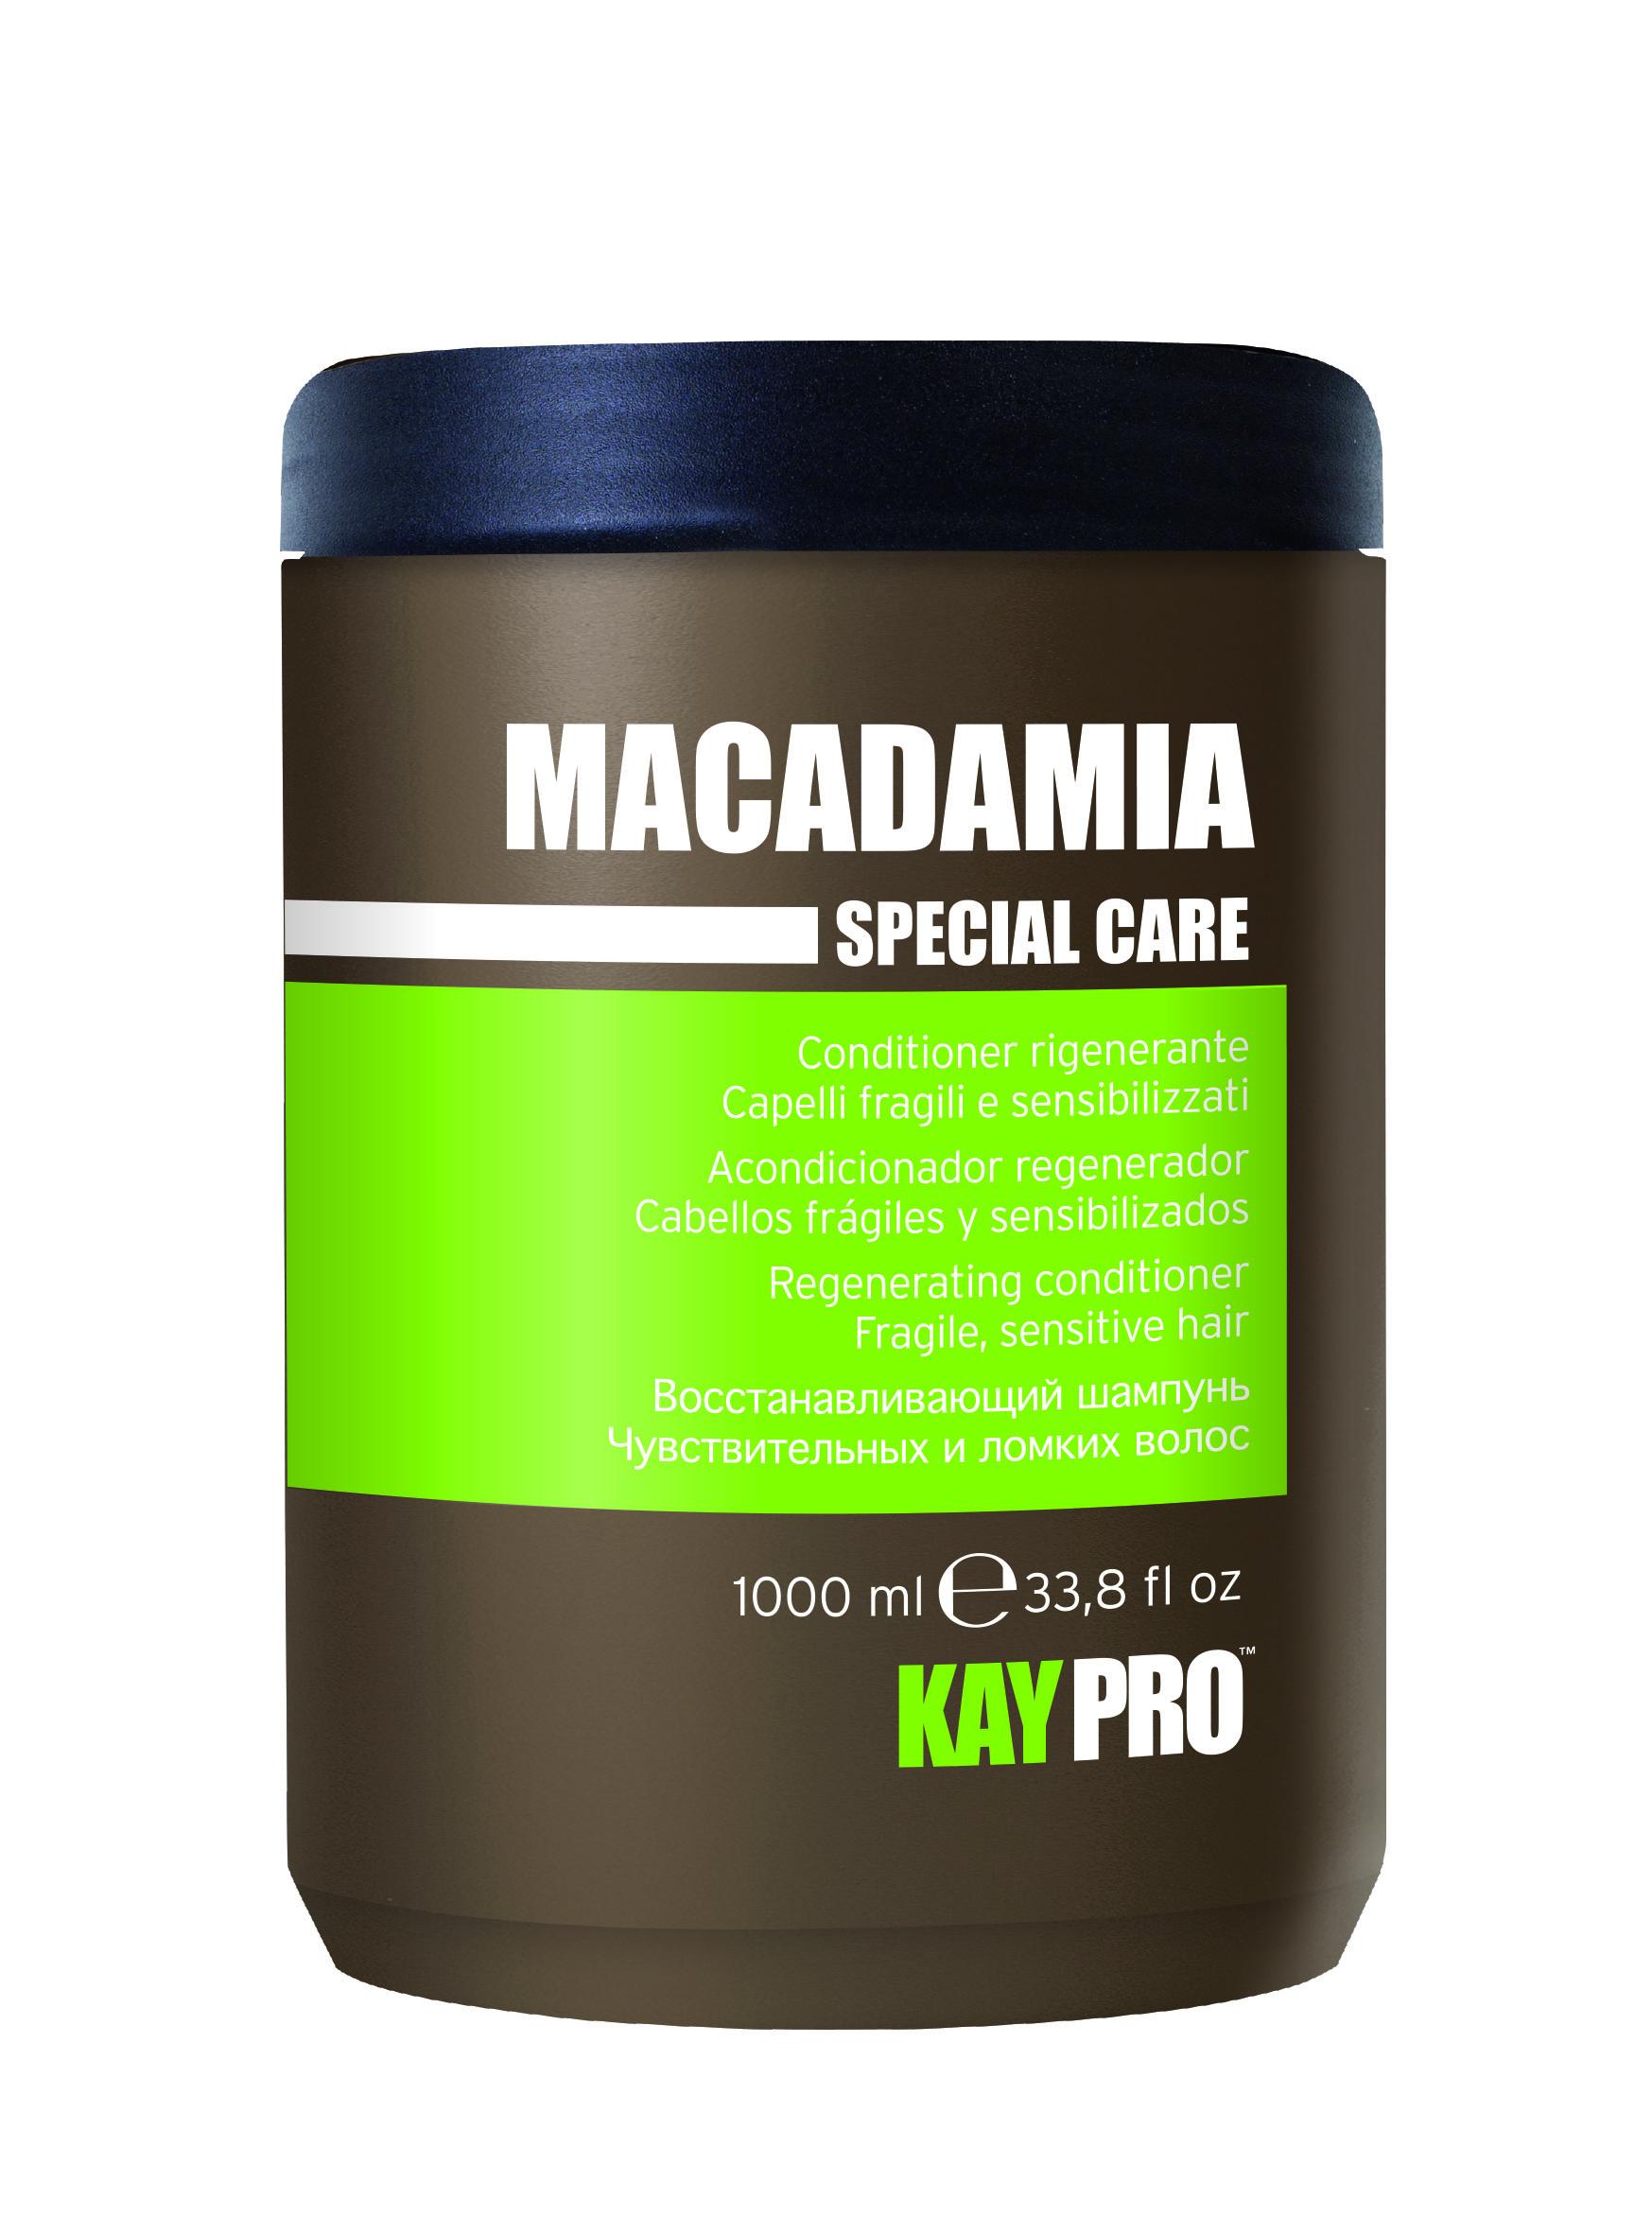 KAYPRO Кондиционер восстанавливающий с маслом макадами / KAYPRO 1000млКондиционеры<br>Сбалансированная формула распутывает и смягчает без утяжеления, придавая моментальный блеск и жизненную силу. Активные ингредиенты: масло макадамии. Способ применения: после использования шампуня равномерно нанести на влажные волосы равномерно по всей длине, затем расчесать, оставить действовать на 2-3 минуты, после чего смыть водой.<br><br>Объем: 1000 мл<br>Вид средства для волос: Восстанавливающий